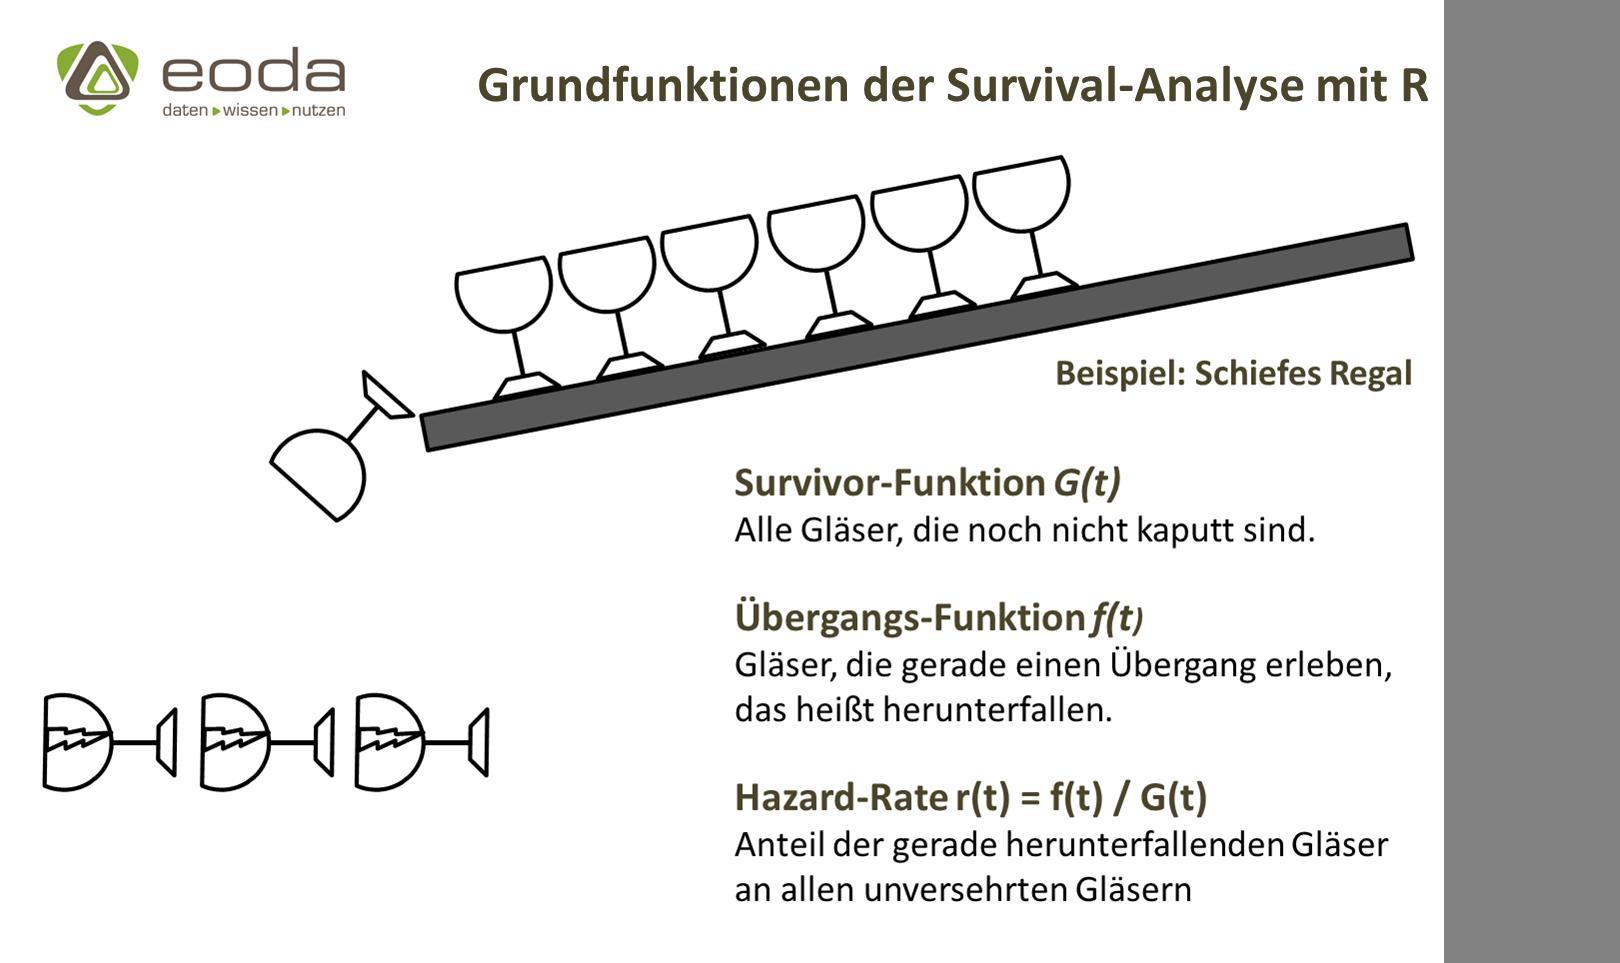 Survivor-Funktion und Hazard-Rate als Grundfunktionen der Survival-Analyse mit R